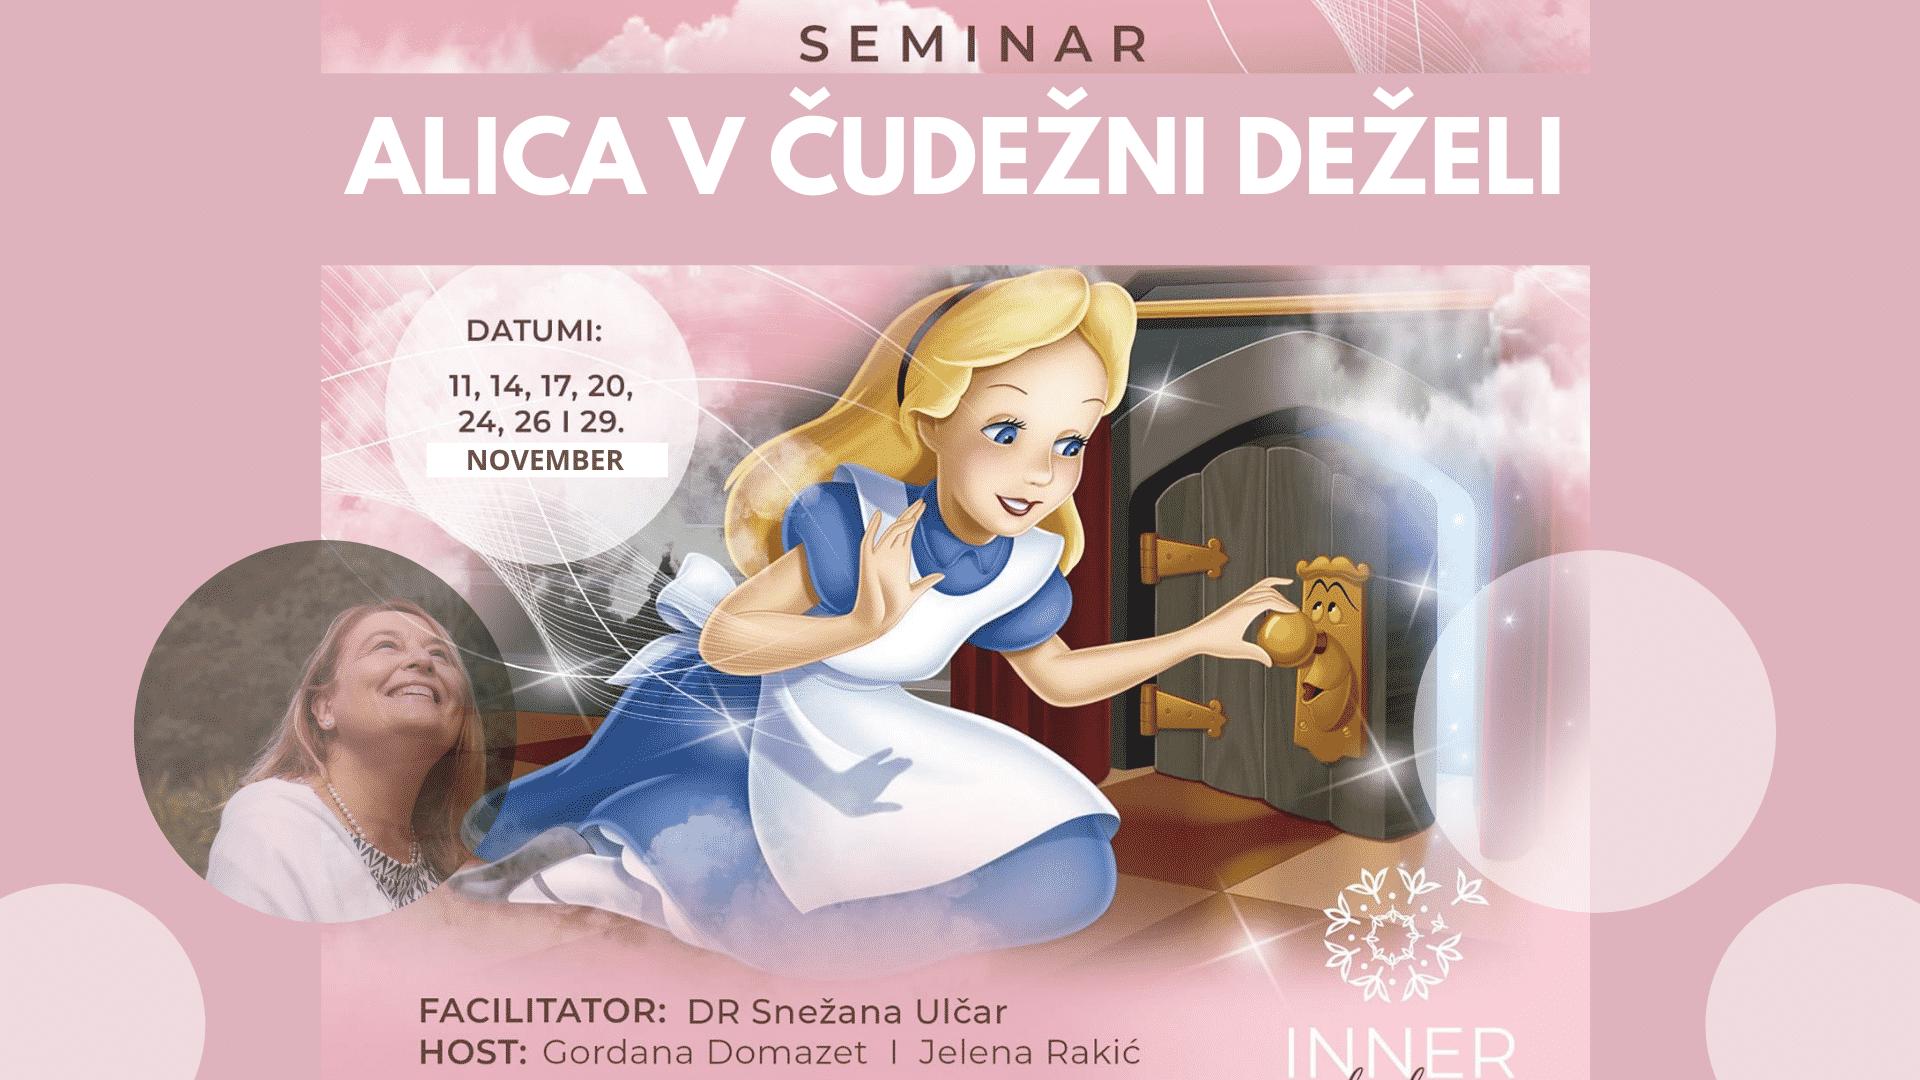 Serija 7 klicev: Alica v čudežni deželi s Snežo Ulčar